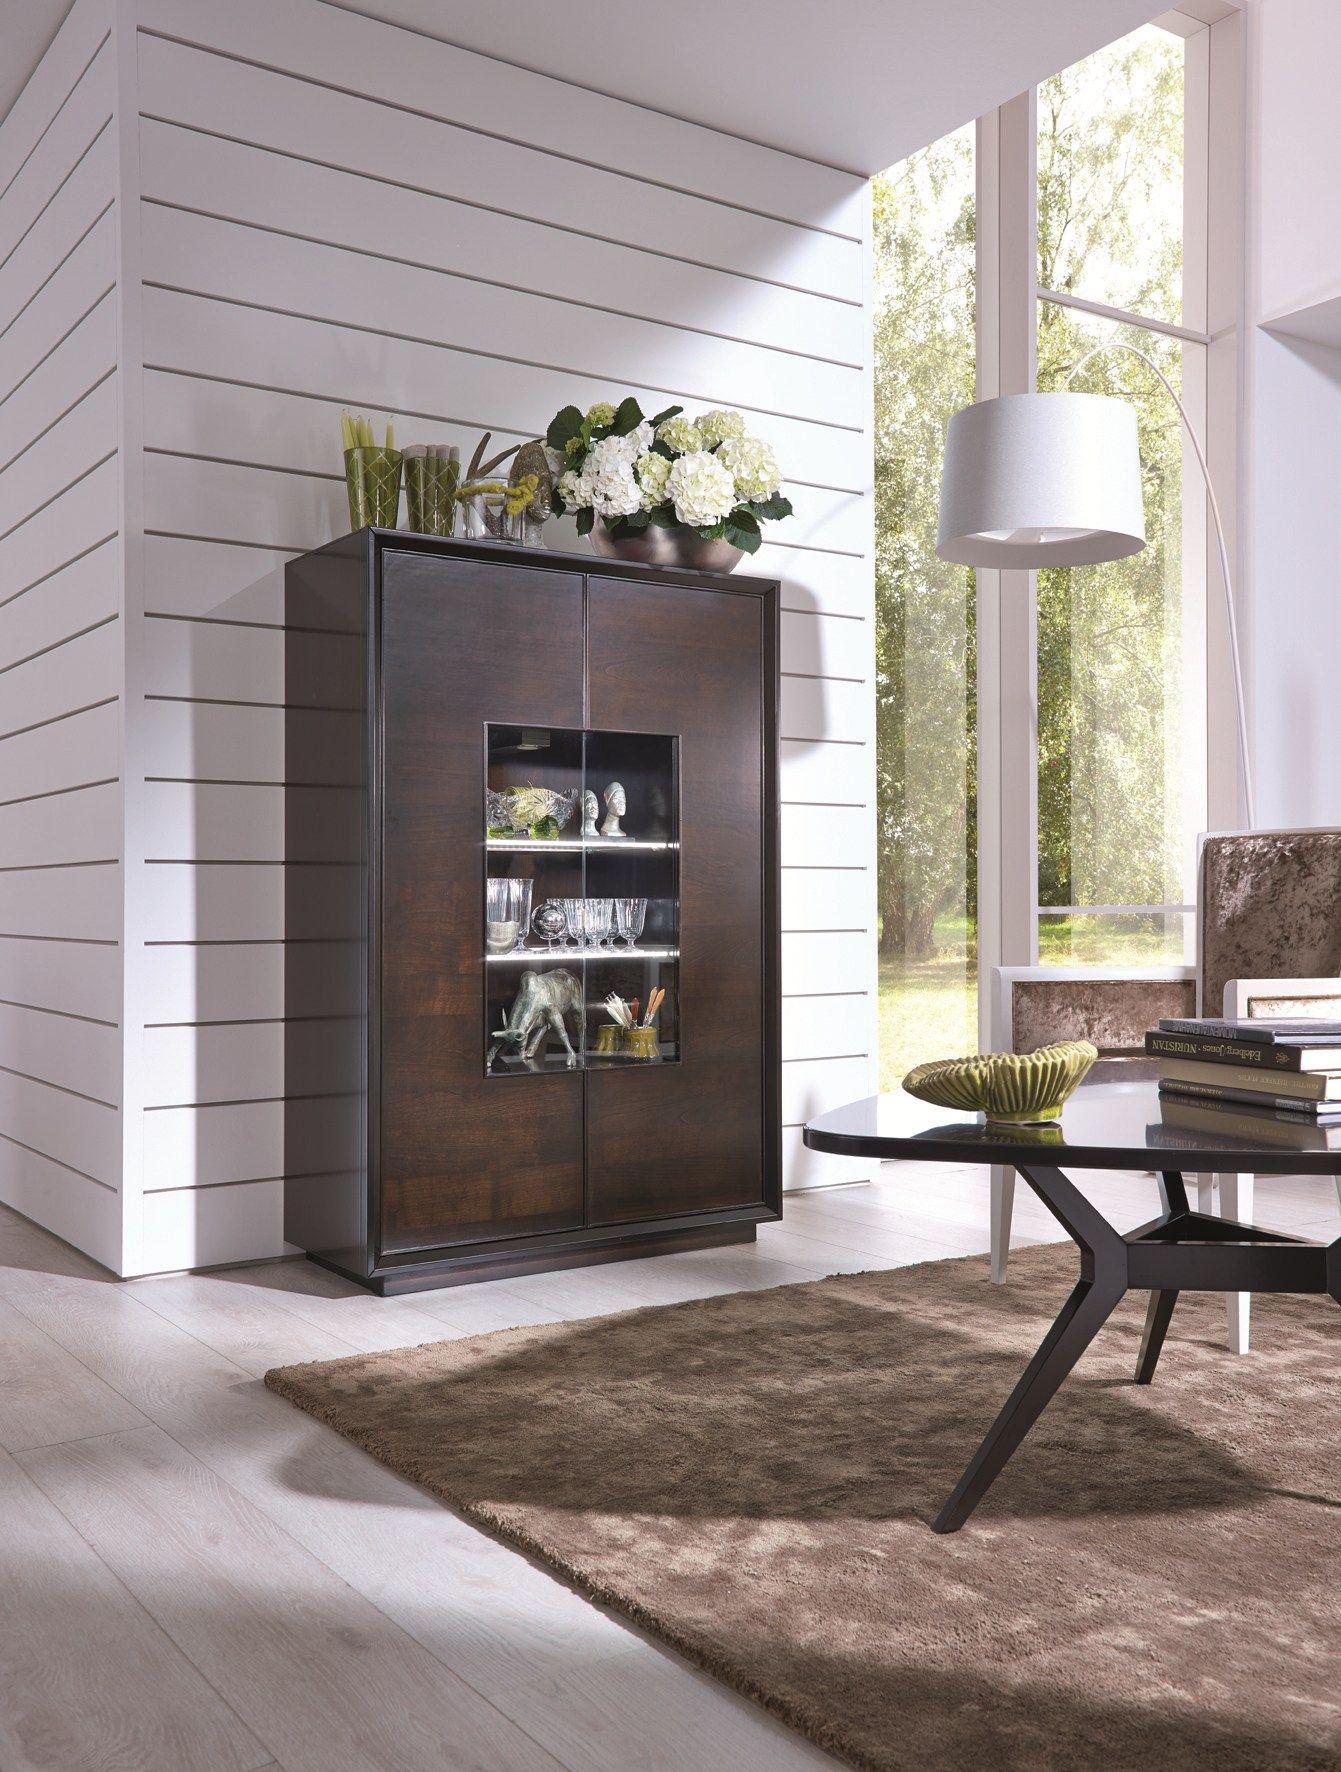 GRACE Couchtisch für Wohnzimmer by SELVA Design Tiziano Bistaffa